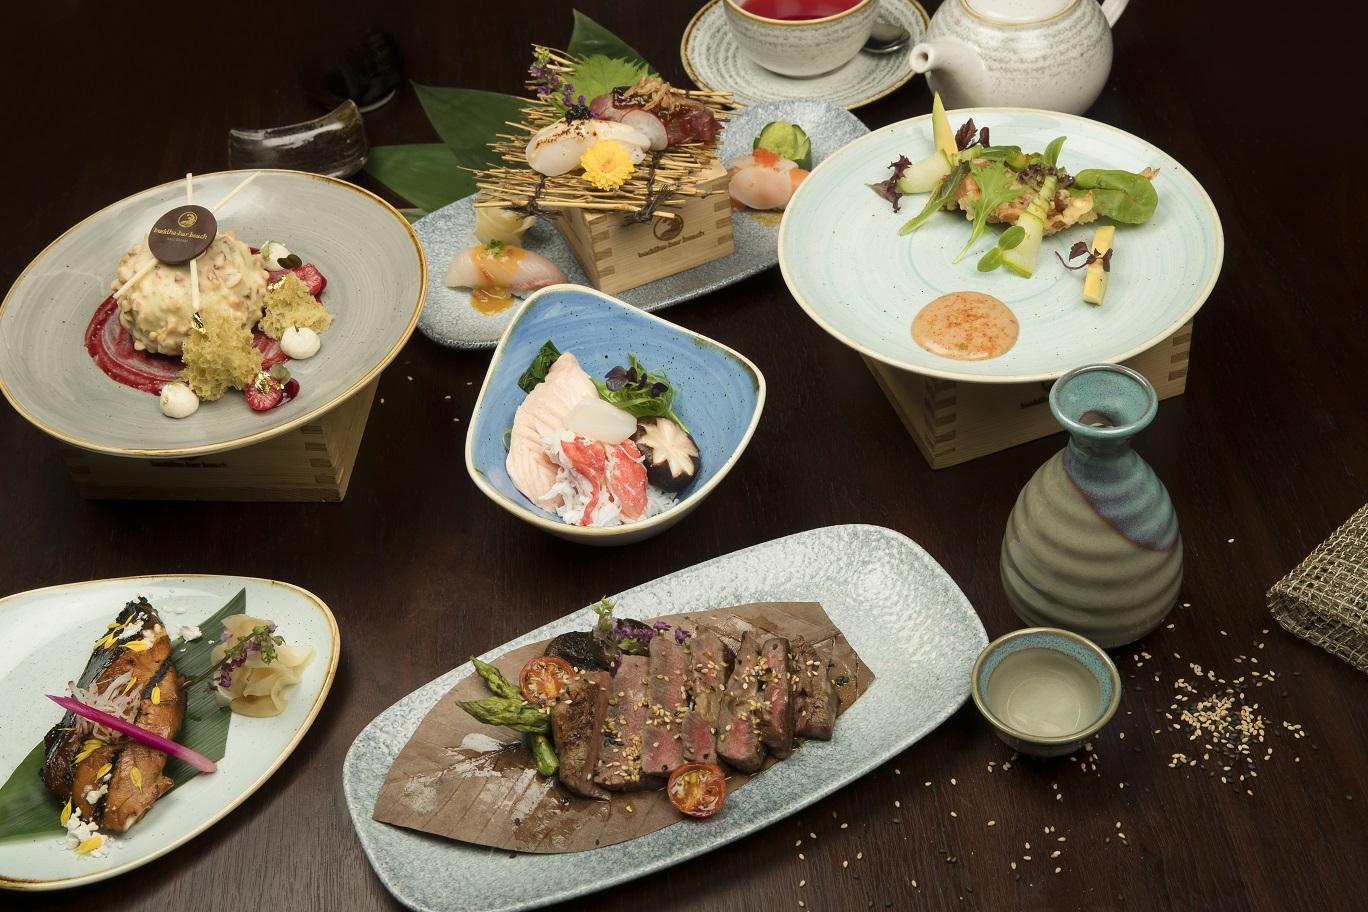 بودا-بار بيتش يقدم أفضل وجبة في العالم طوال شهر مايو 2019